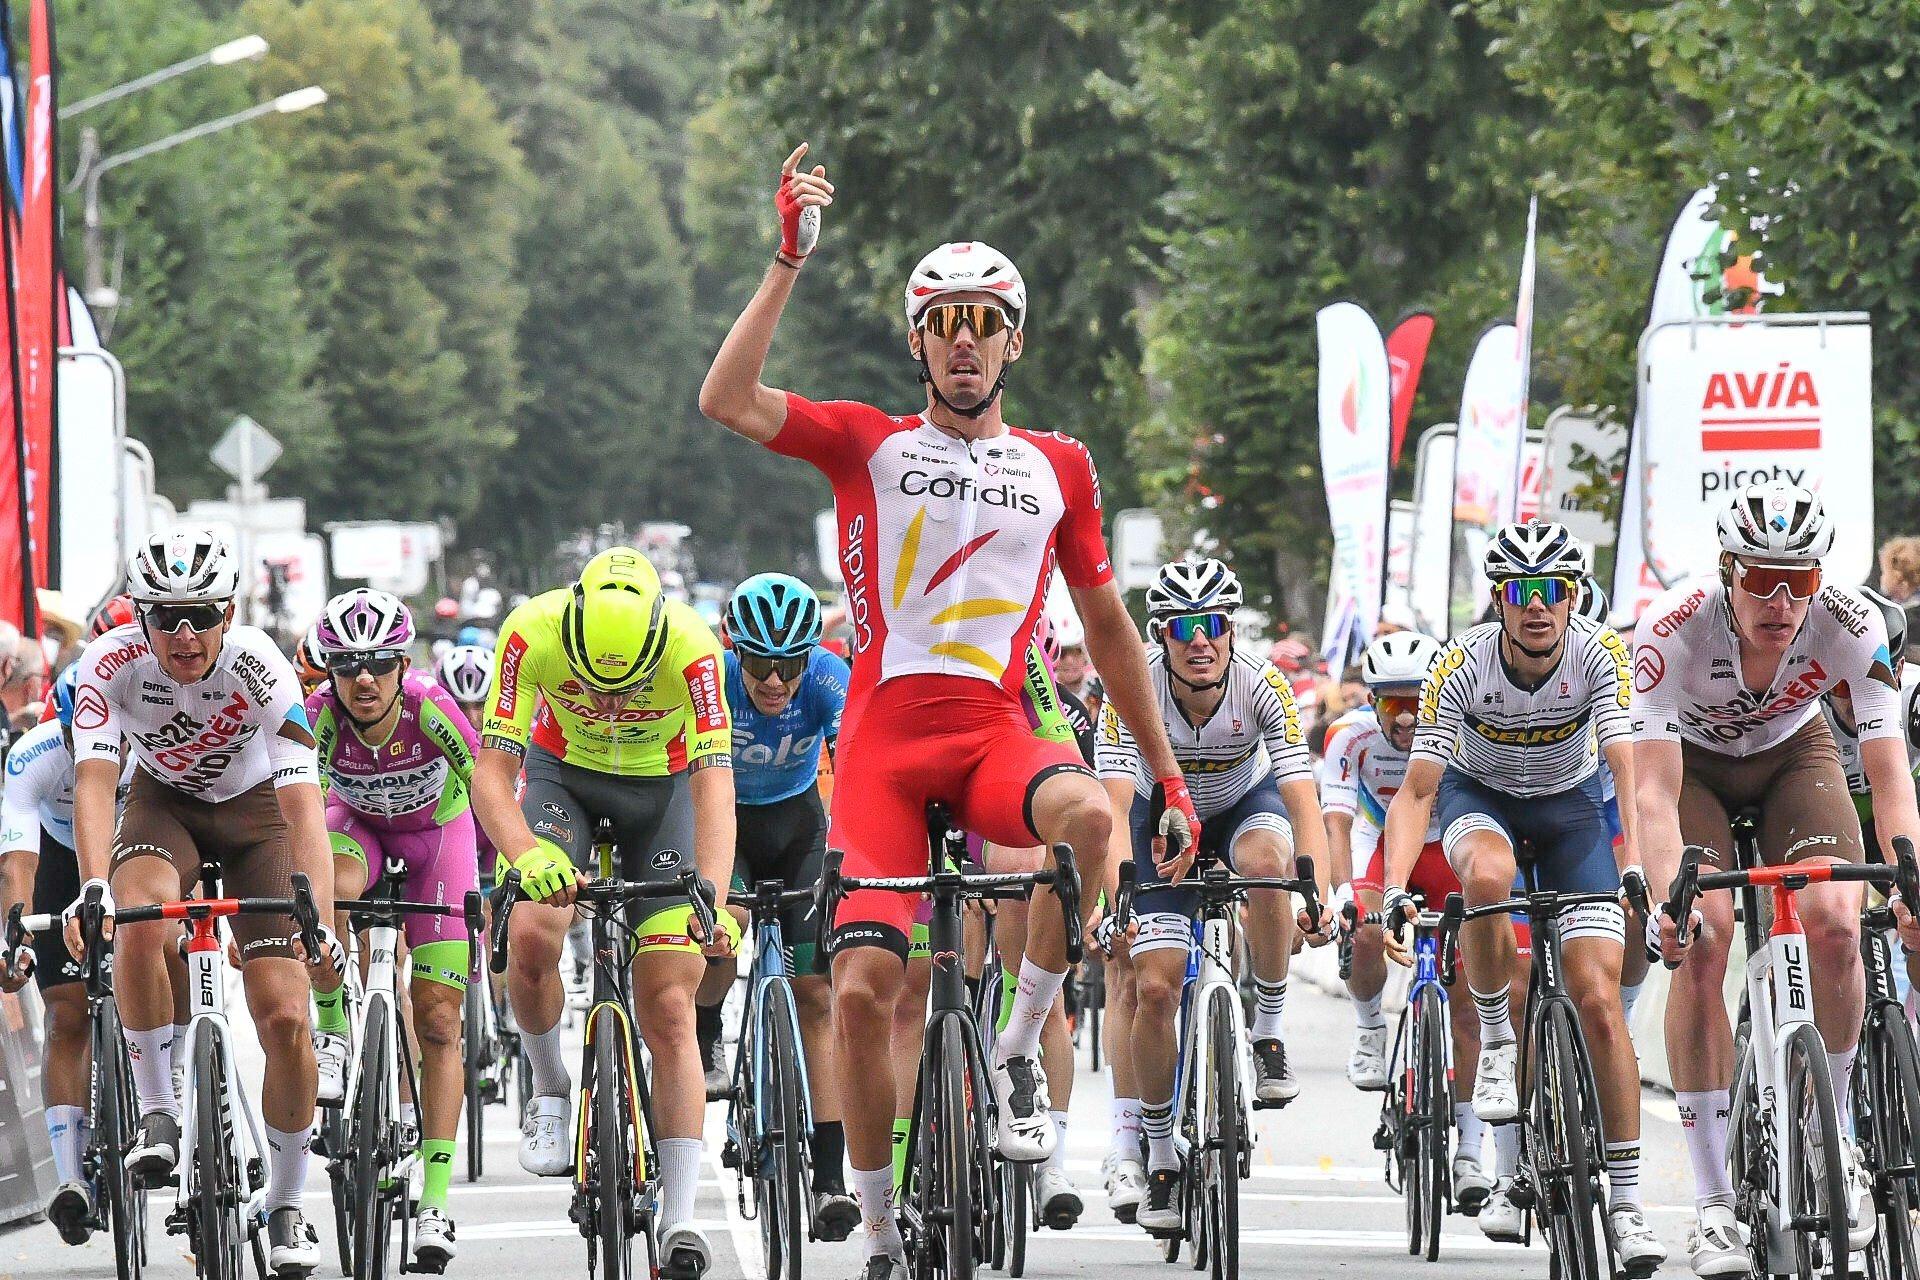 Christophe Laporte, vainqueur sur une étape du Tour du Limousin, viendra épauler Van Aert sur les classiques et Groenewegen sur les sprints massifs., belga